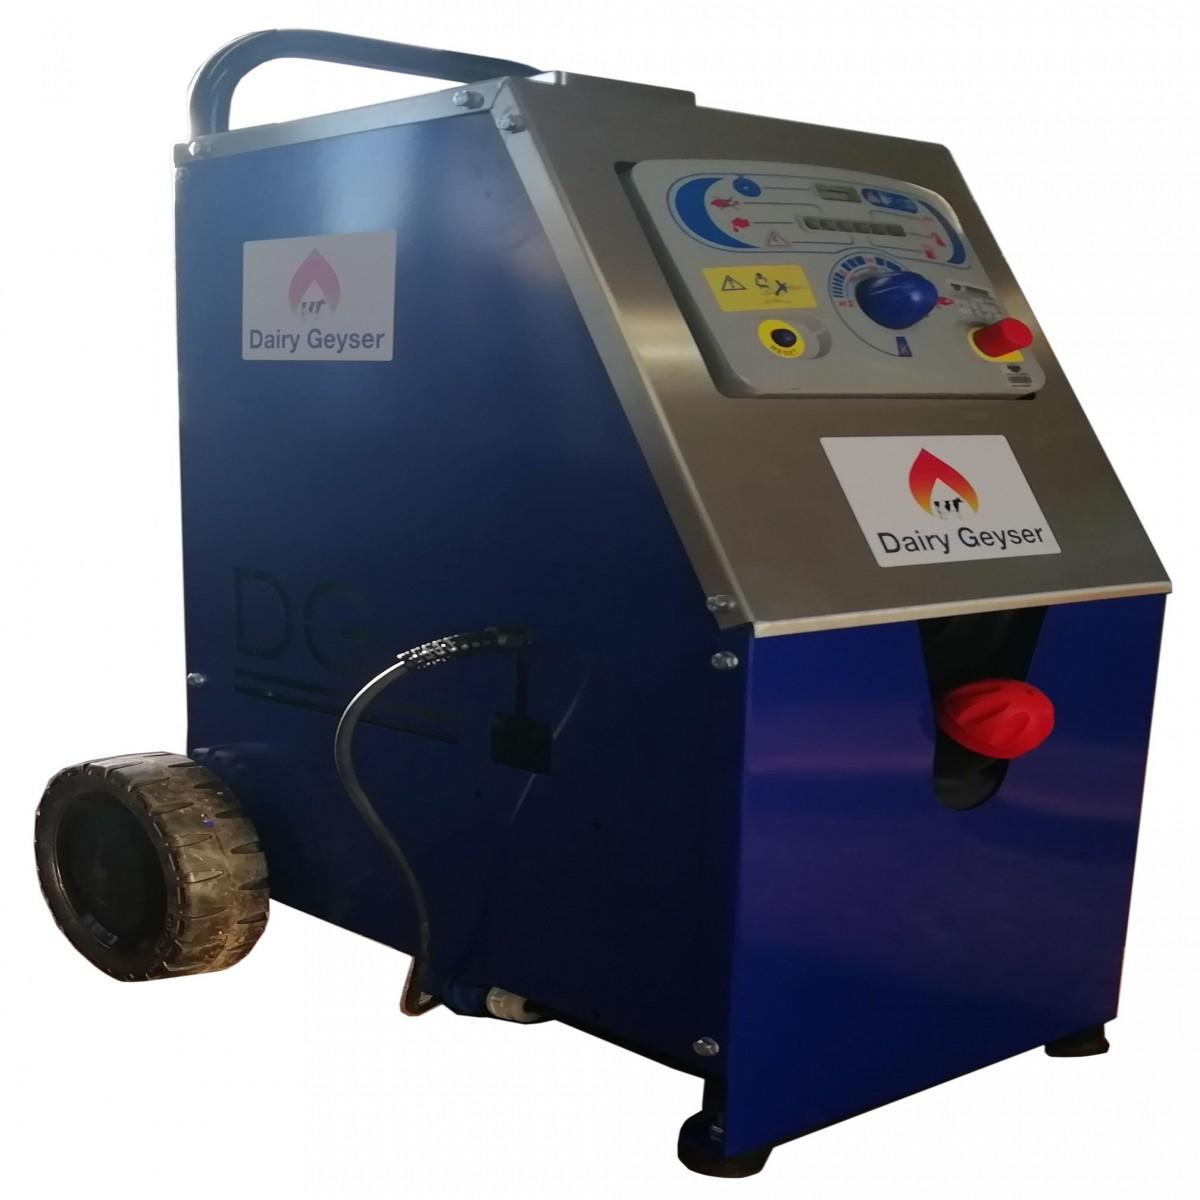 Dairy Geyser Diesel Water Heater